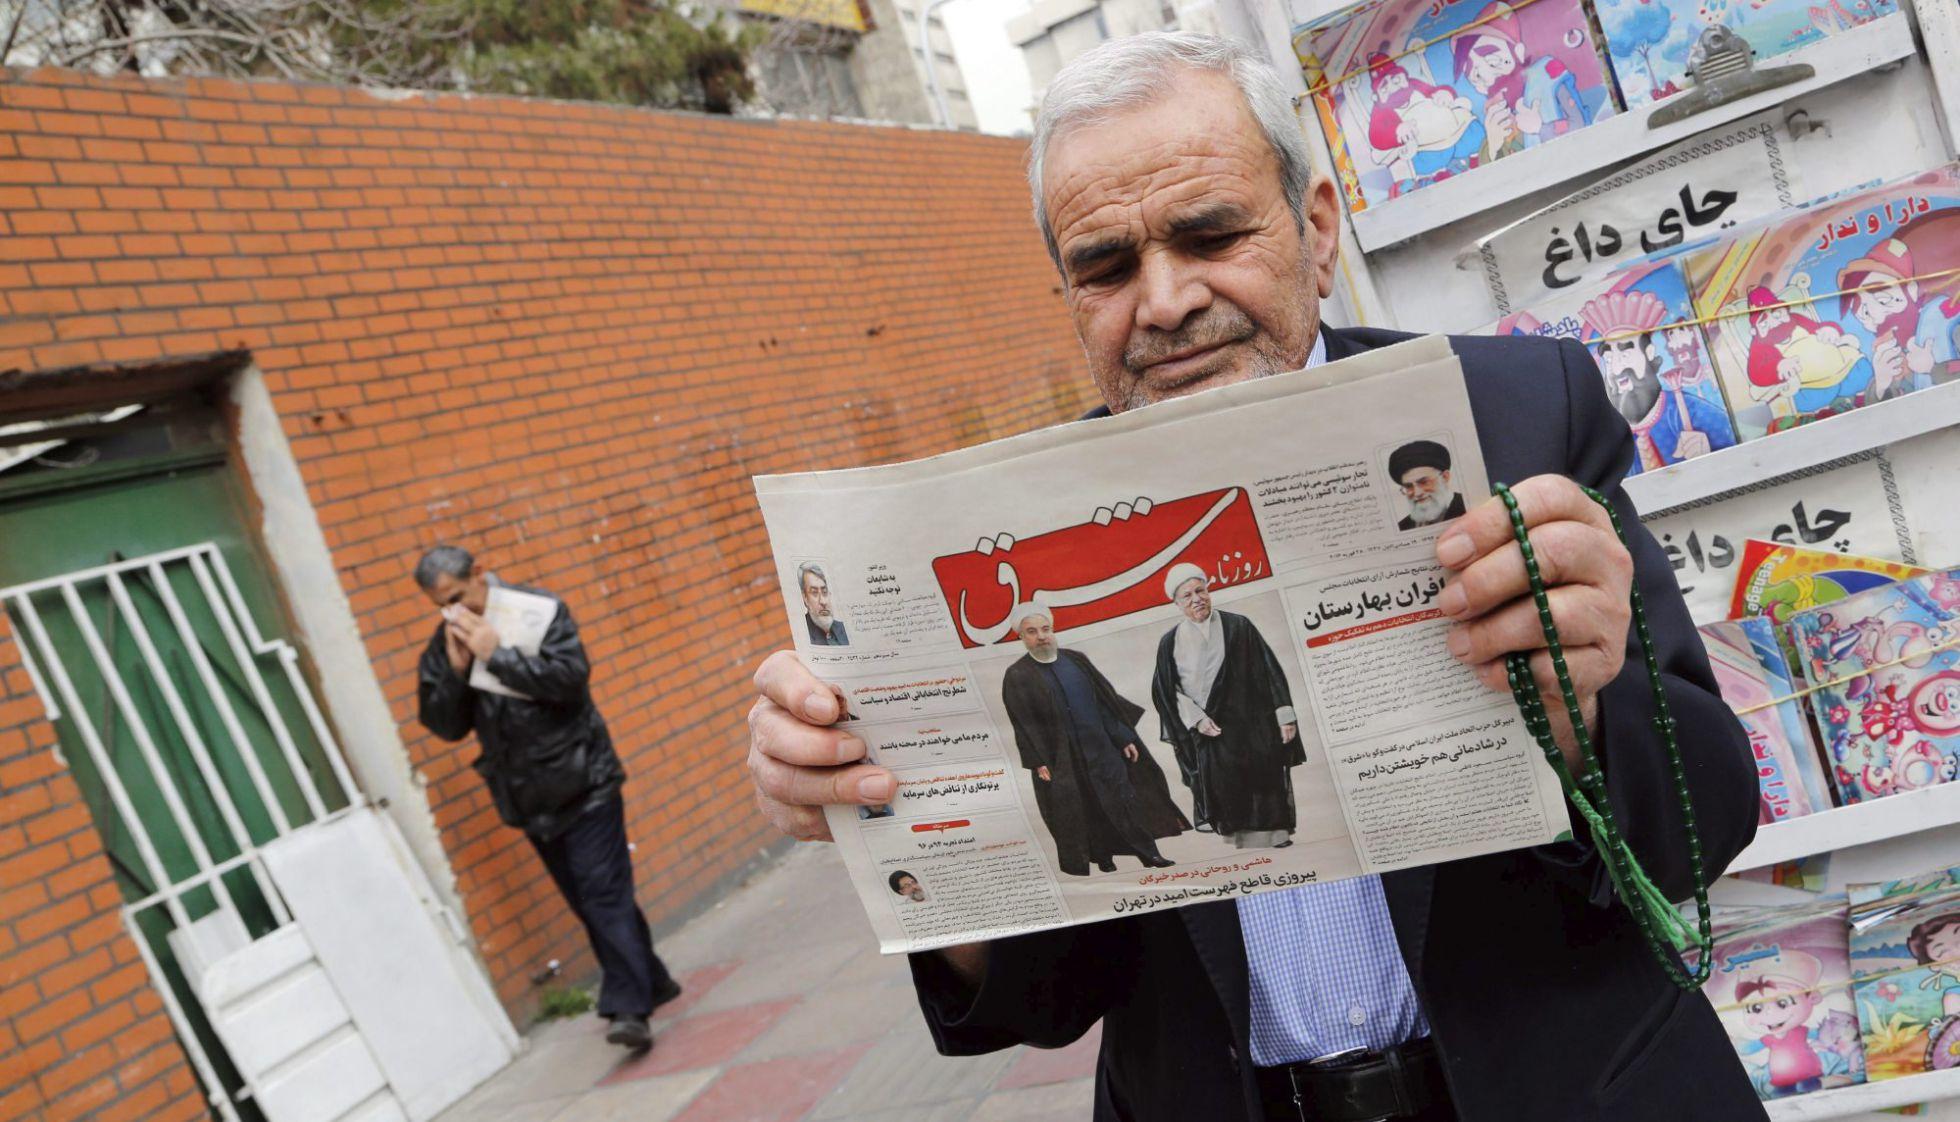 militar - Pacto Nuclear con Irán - Página 30 1456731263_272828_1456735341_noticia_normal_recorte1